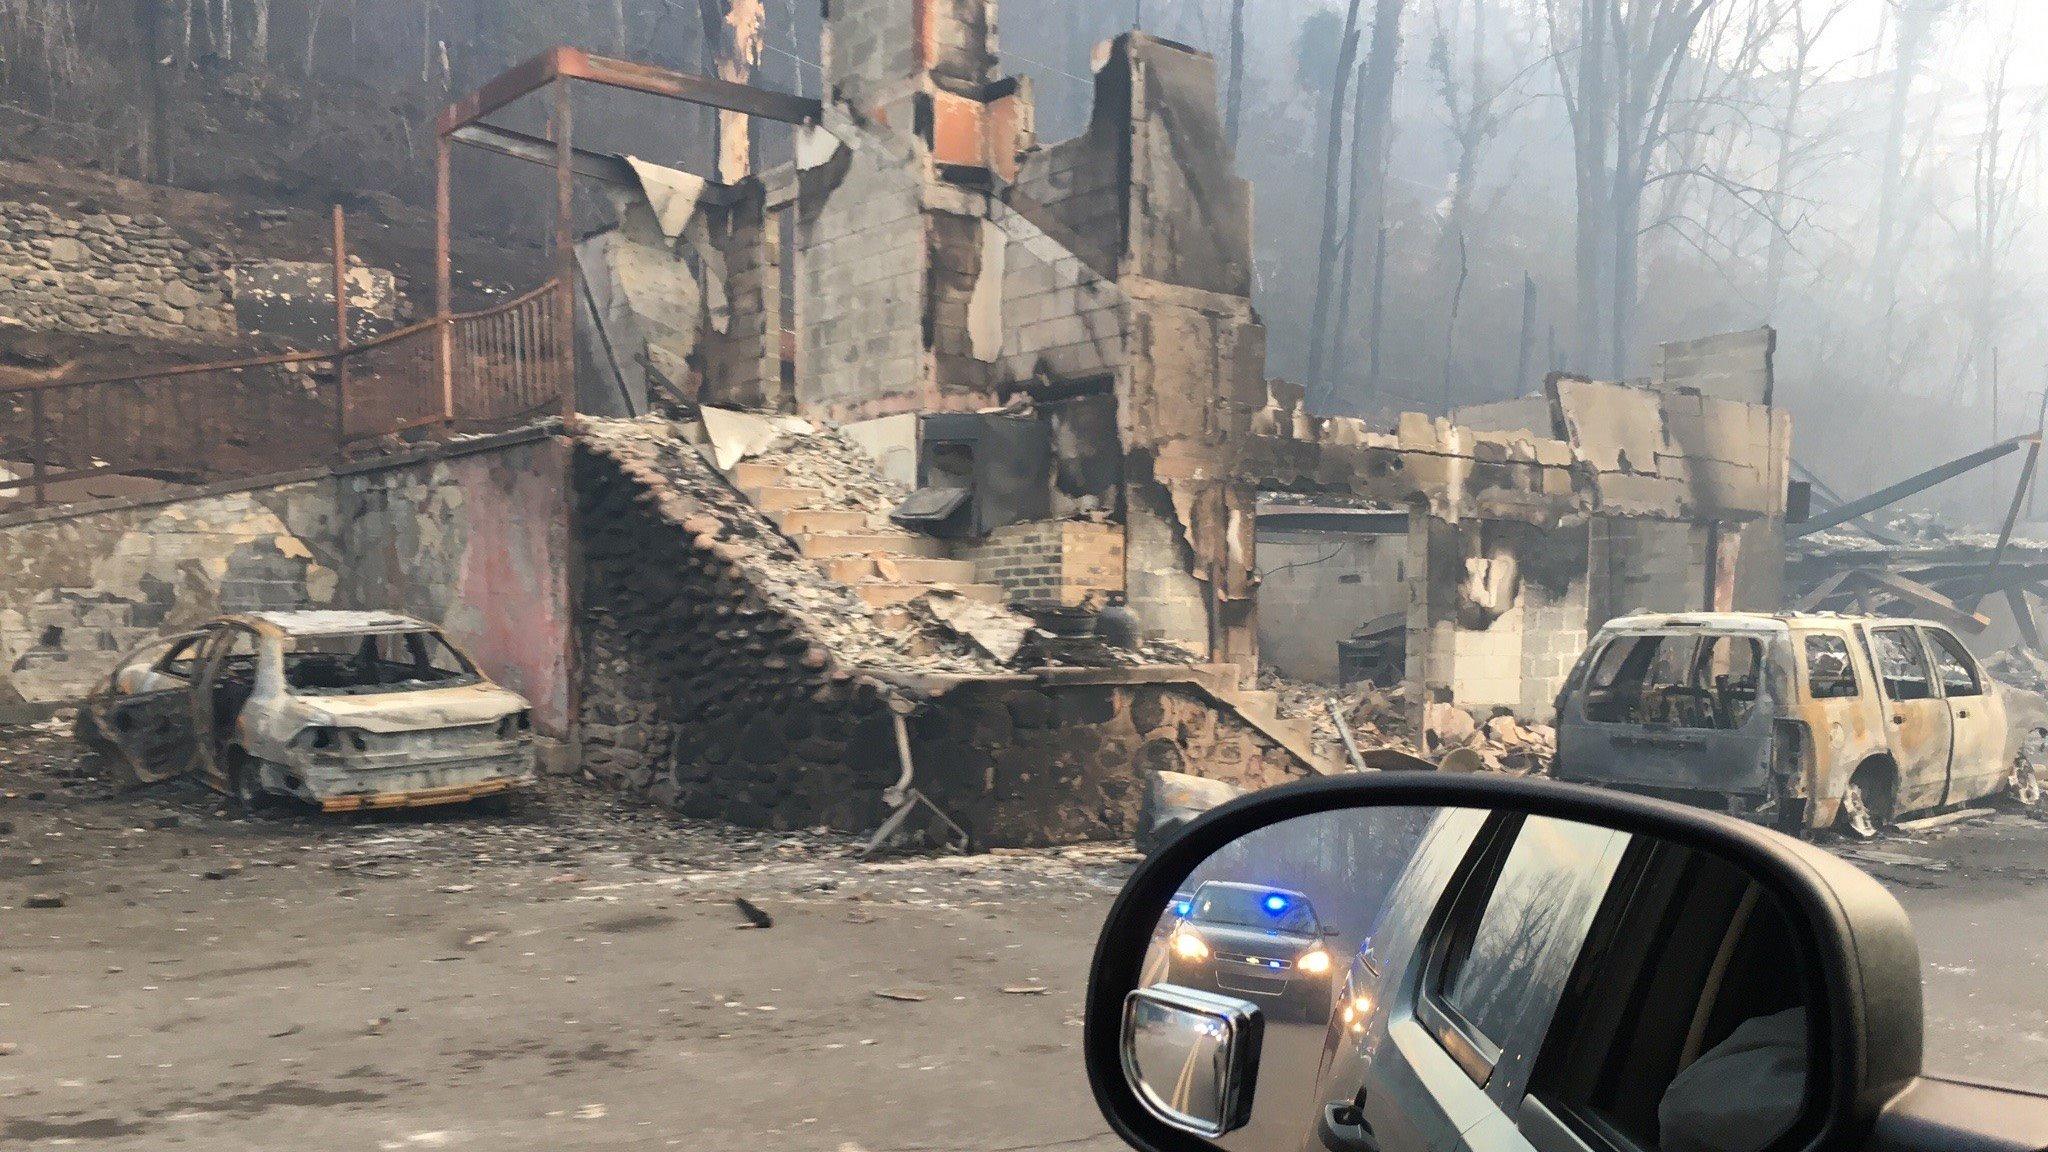 Survey of damaged areas (Courtesy: WBIR)